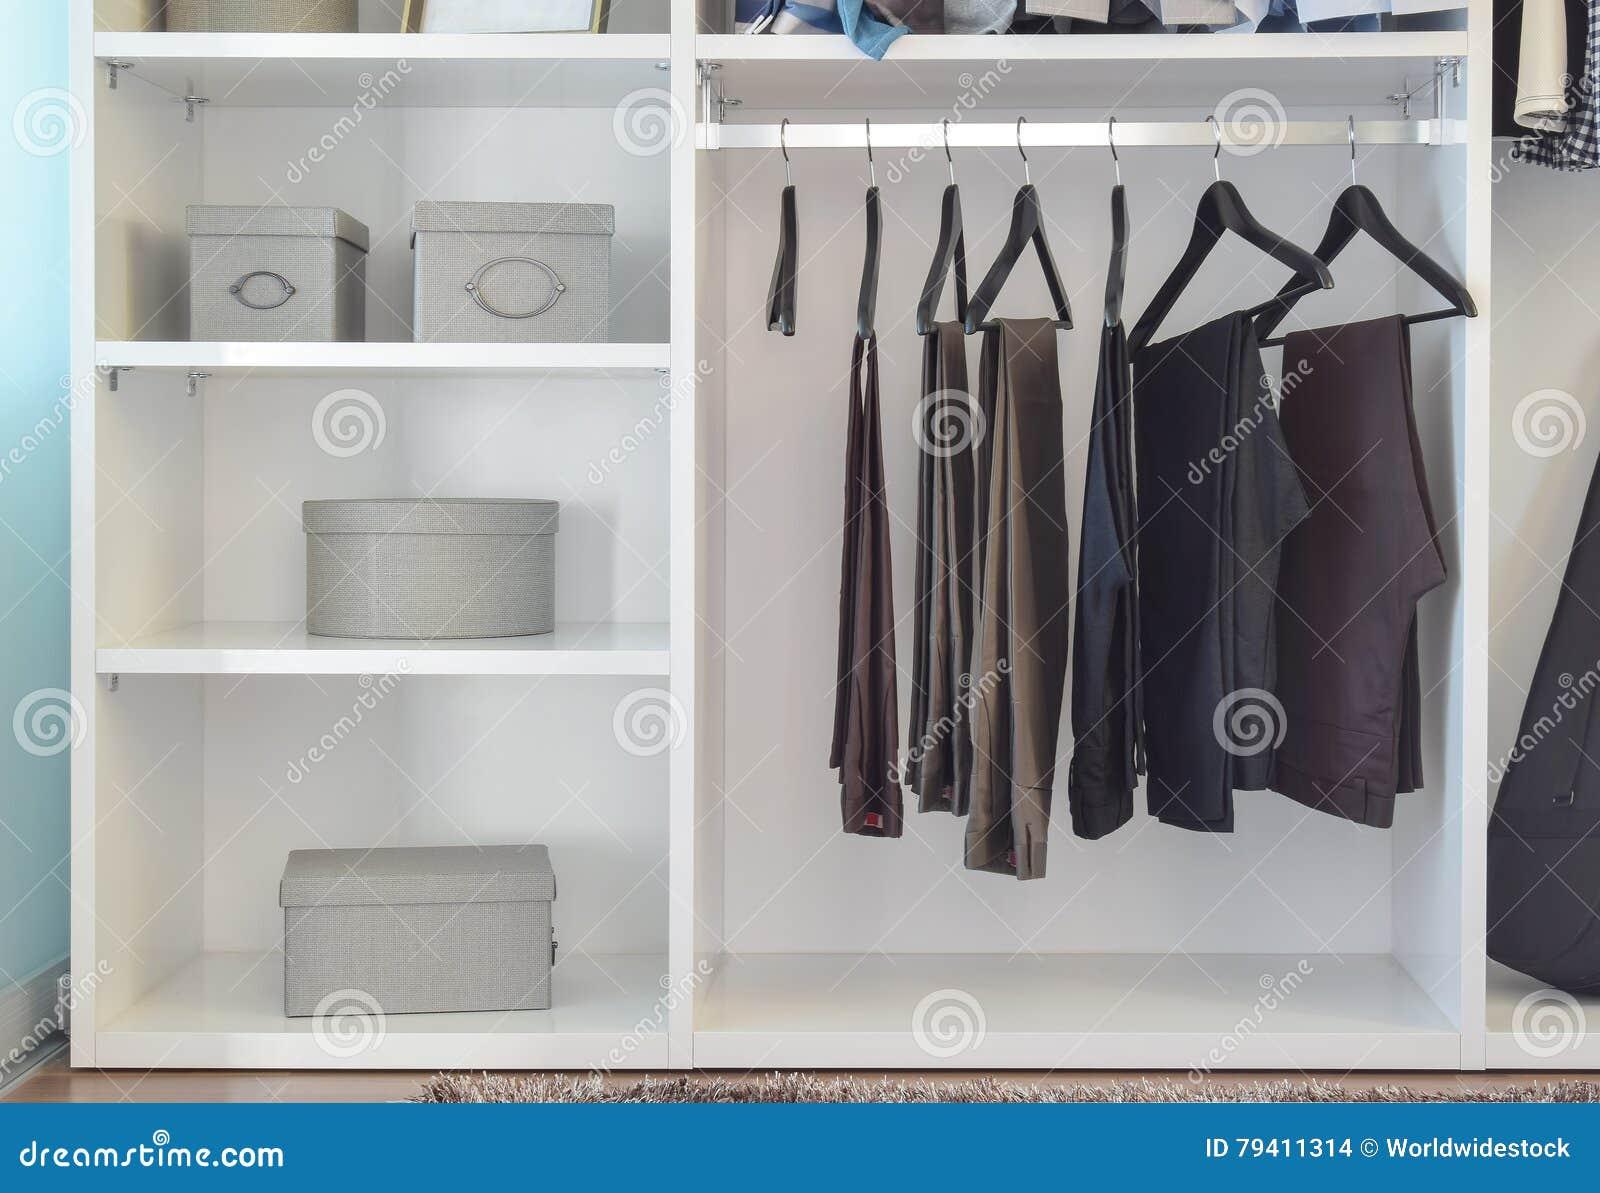 Moderner Wandschrank Mit Reihe Von Den Hosen Die In Der Weissen